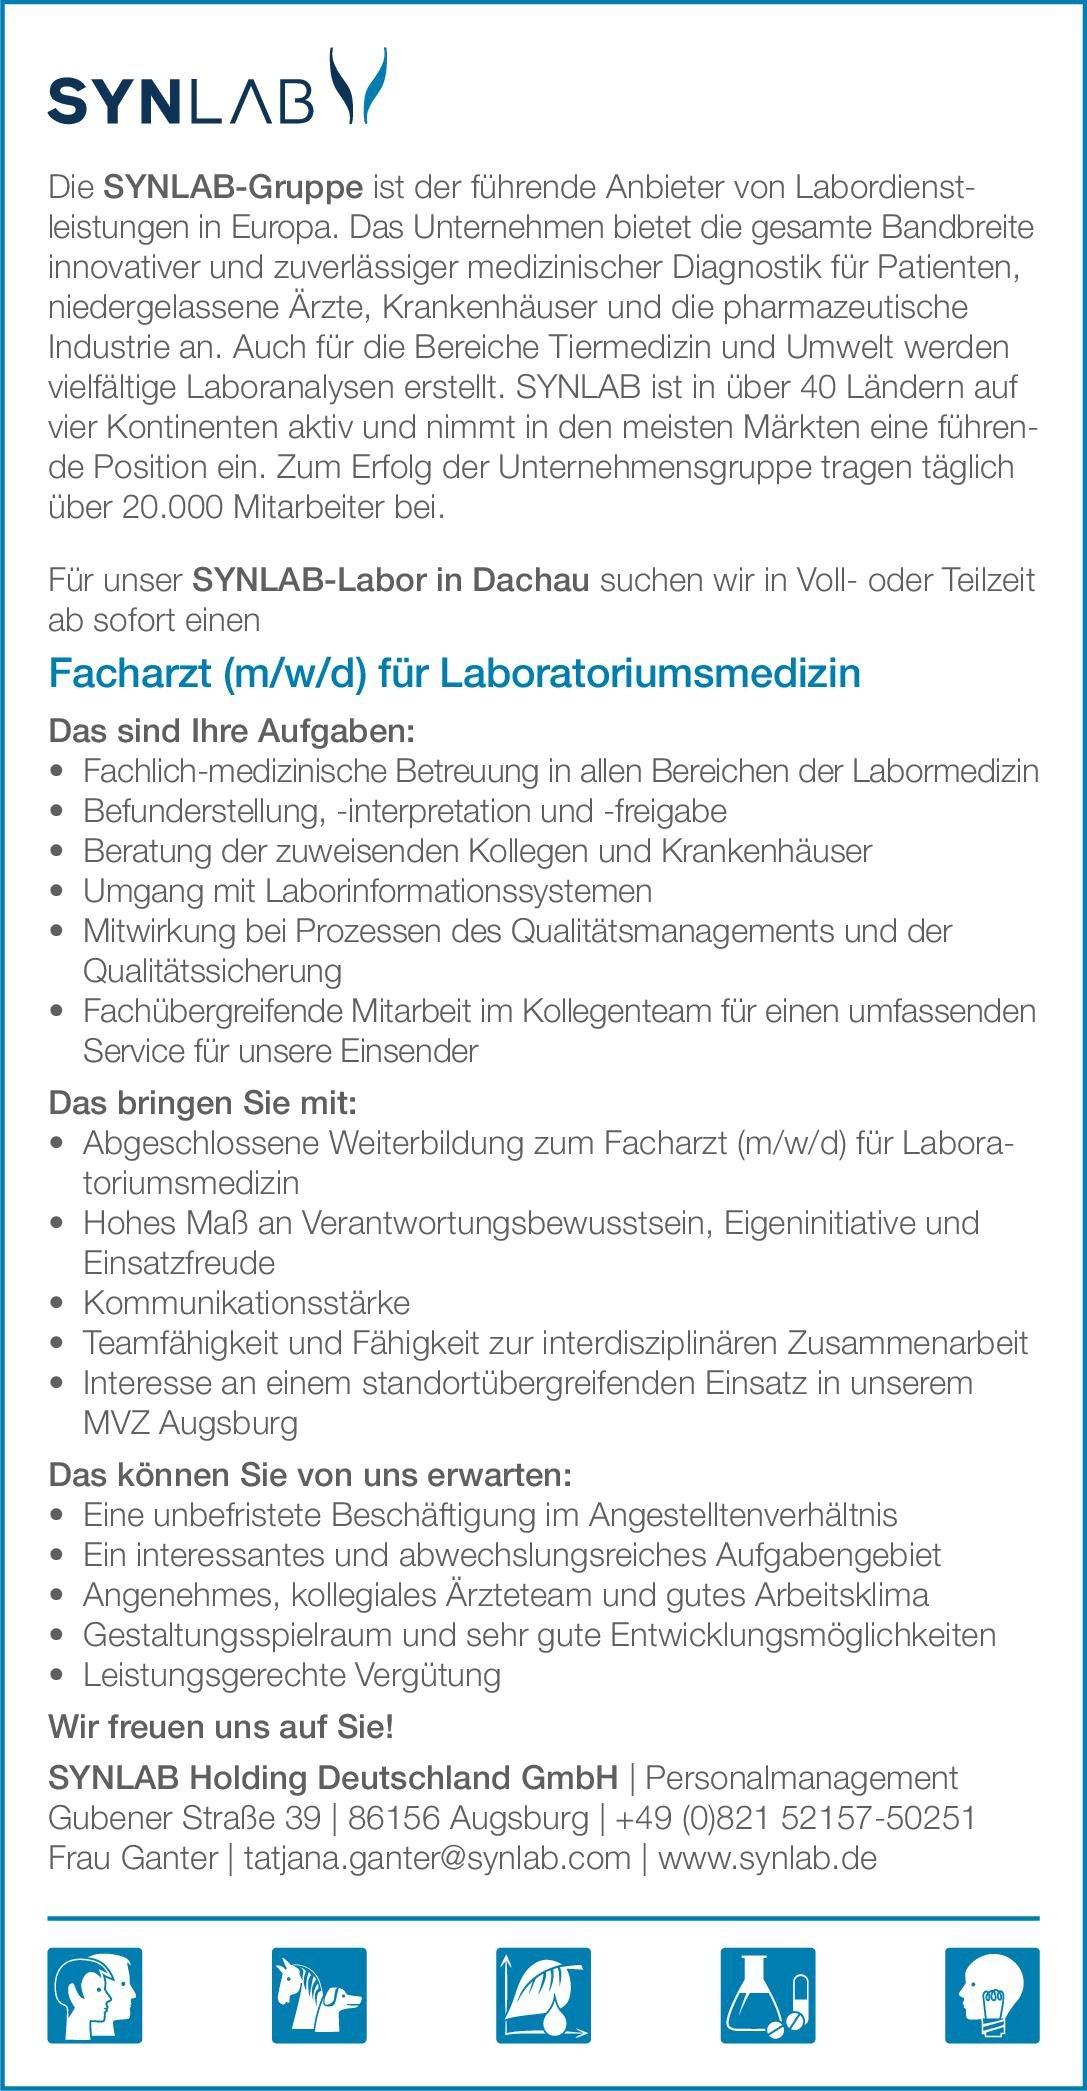 SYNLAB Holding Deutschland GmbH - SYNLAB-Labor in Dachau Facharzt (m/w/d) für Laboratoriumsmedizin Laboratoriumsmedizin Arzt / Facharzt